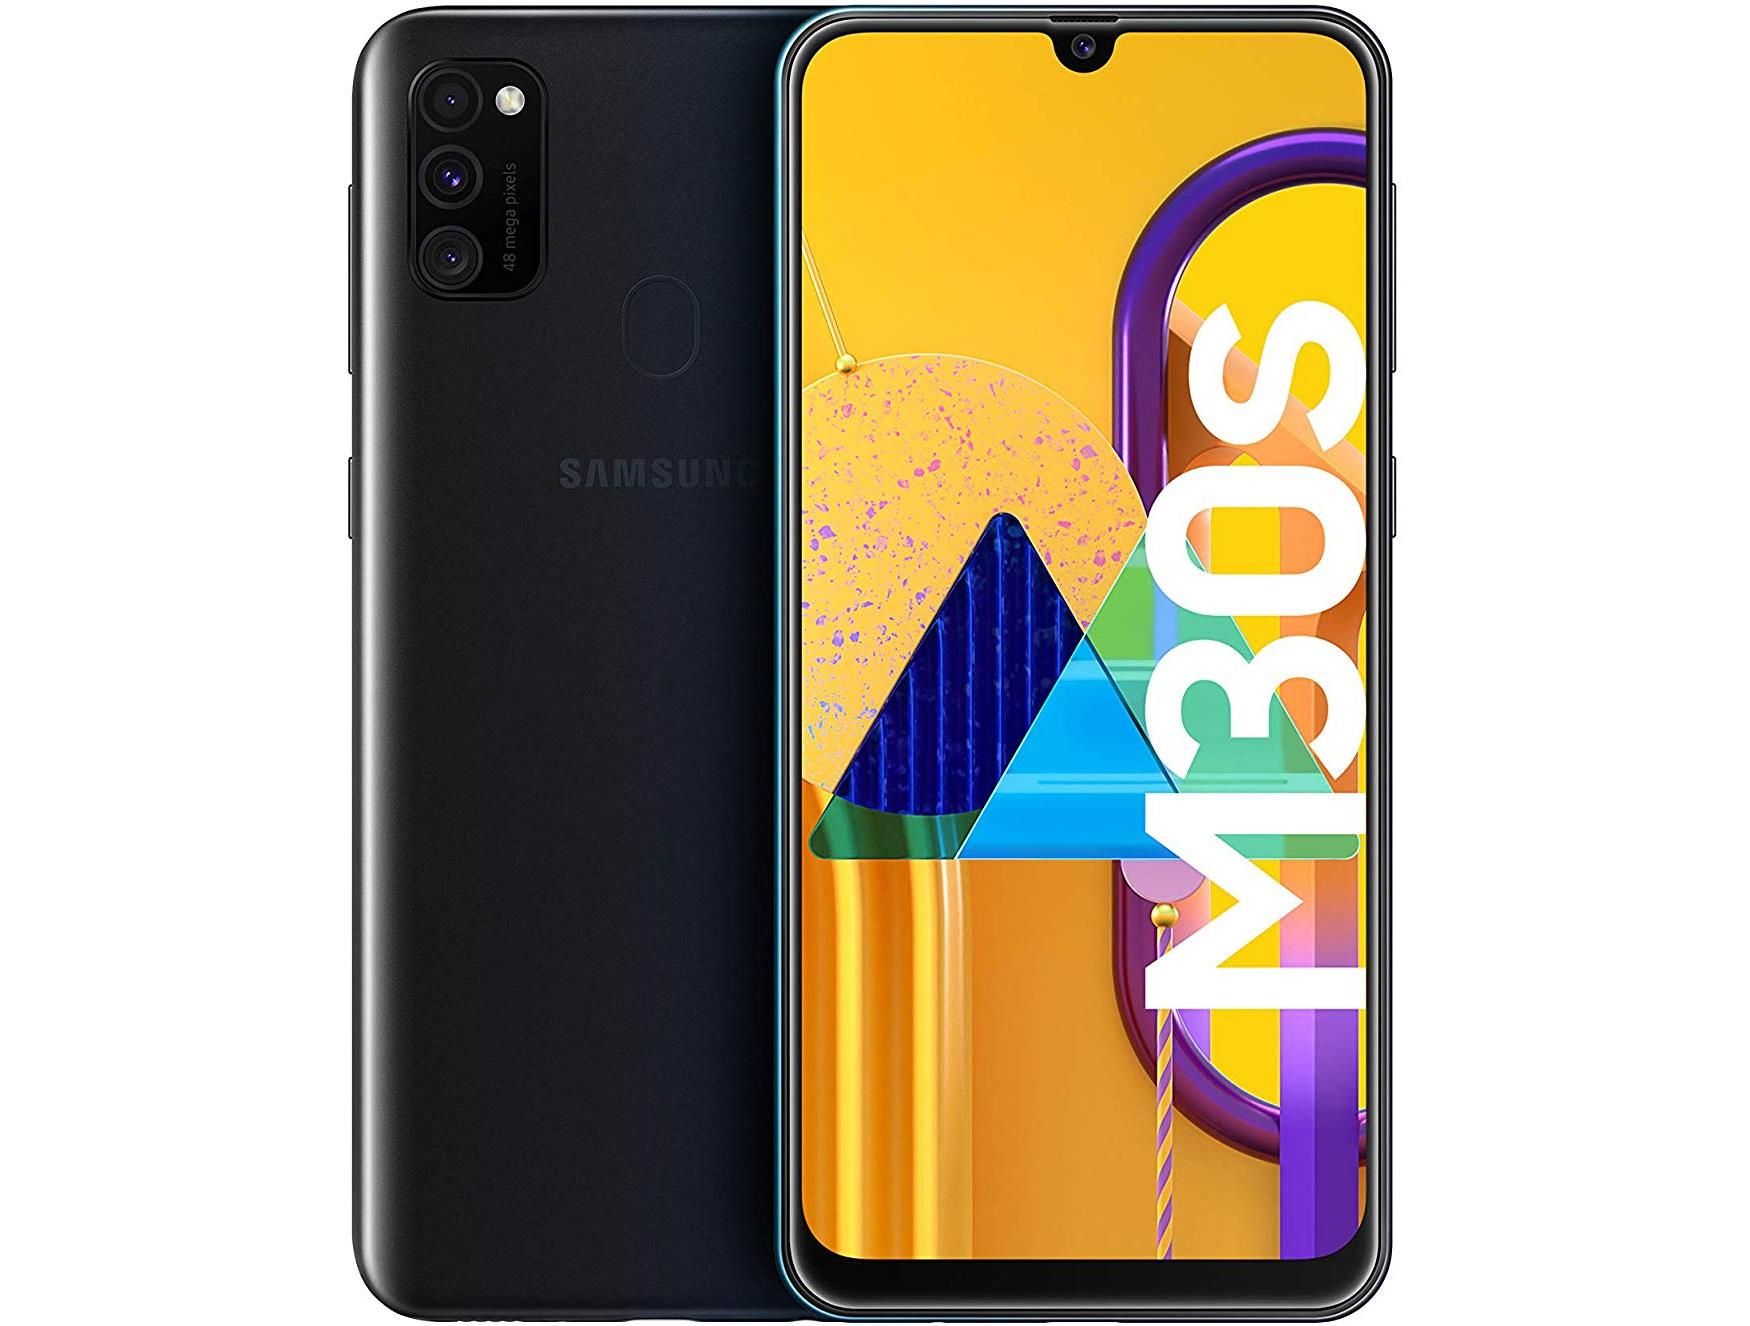 Samsung M30s: 4GB64GB आणि 6128 GB स्टोअरेज असे दोन वेरियंट या मोबाईलमध्ये उपलब्ध आहेत. त्यापैकी 4 GB वेरियंट असलेला मोबाईल तुम्हाला 13 हजार पर्यंत मिळणार आहे. तर 6 जीबी वेरियंट असलेला मोबाईल तुम्हाला 15 हजार पर्यंत उपलब्ध होणार आहे. 48MP  8MP  5MP मेगापिक्सल कॅमेऱ्यासोबत 16 मेगापिक्सल सेल्फी कॅमेरा देण्यात आला आहे. यासोबत 6000 mAh Battery बॅटरी या मोबाईलमध्ये मिळणार आहे. निळा, काळा आणि पांढरा अशा तीन रंगात हा मोबाईल तुम्हाला उपलब्ध होईल.